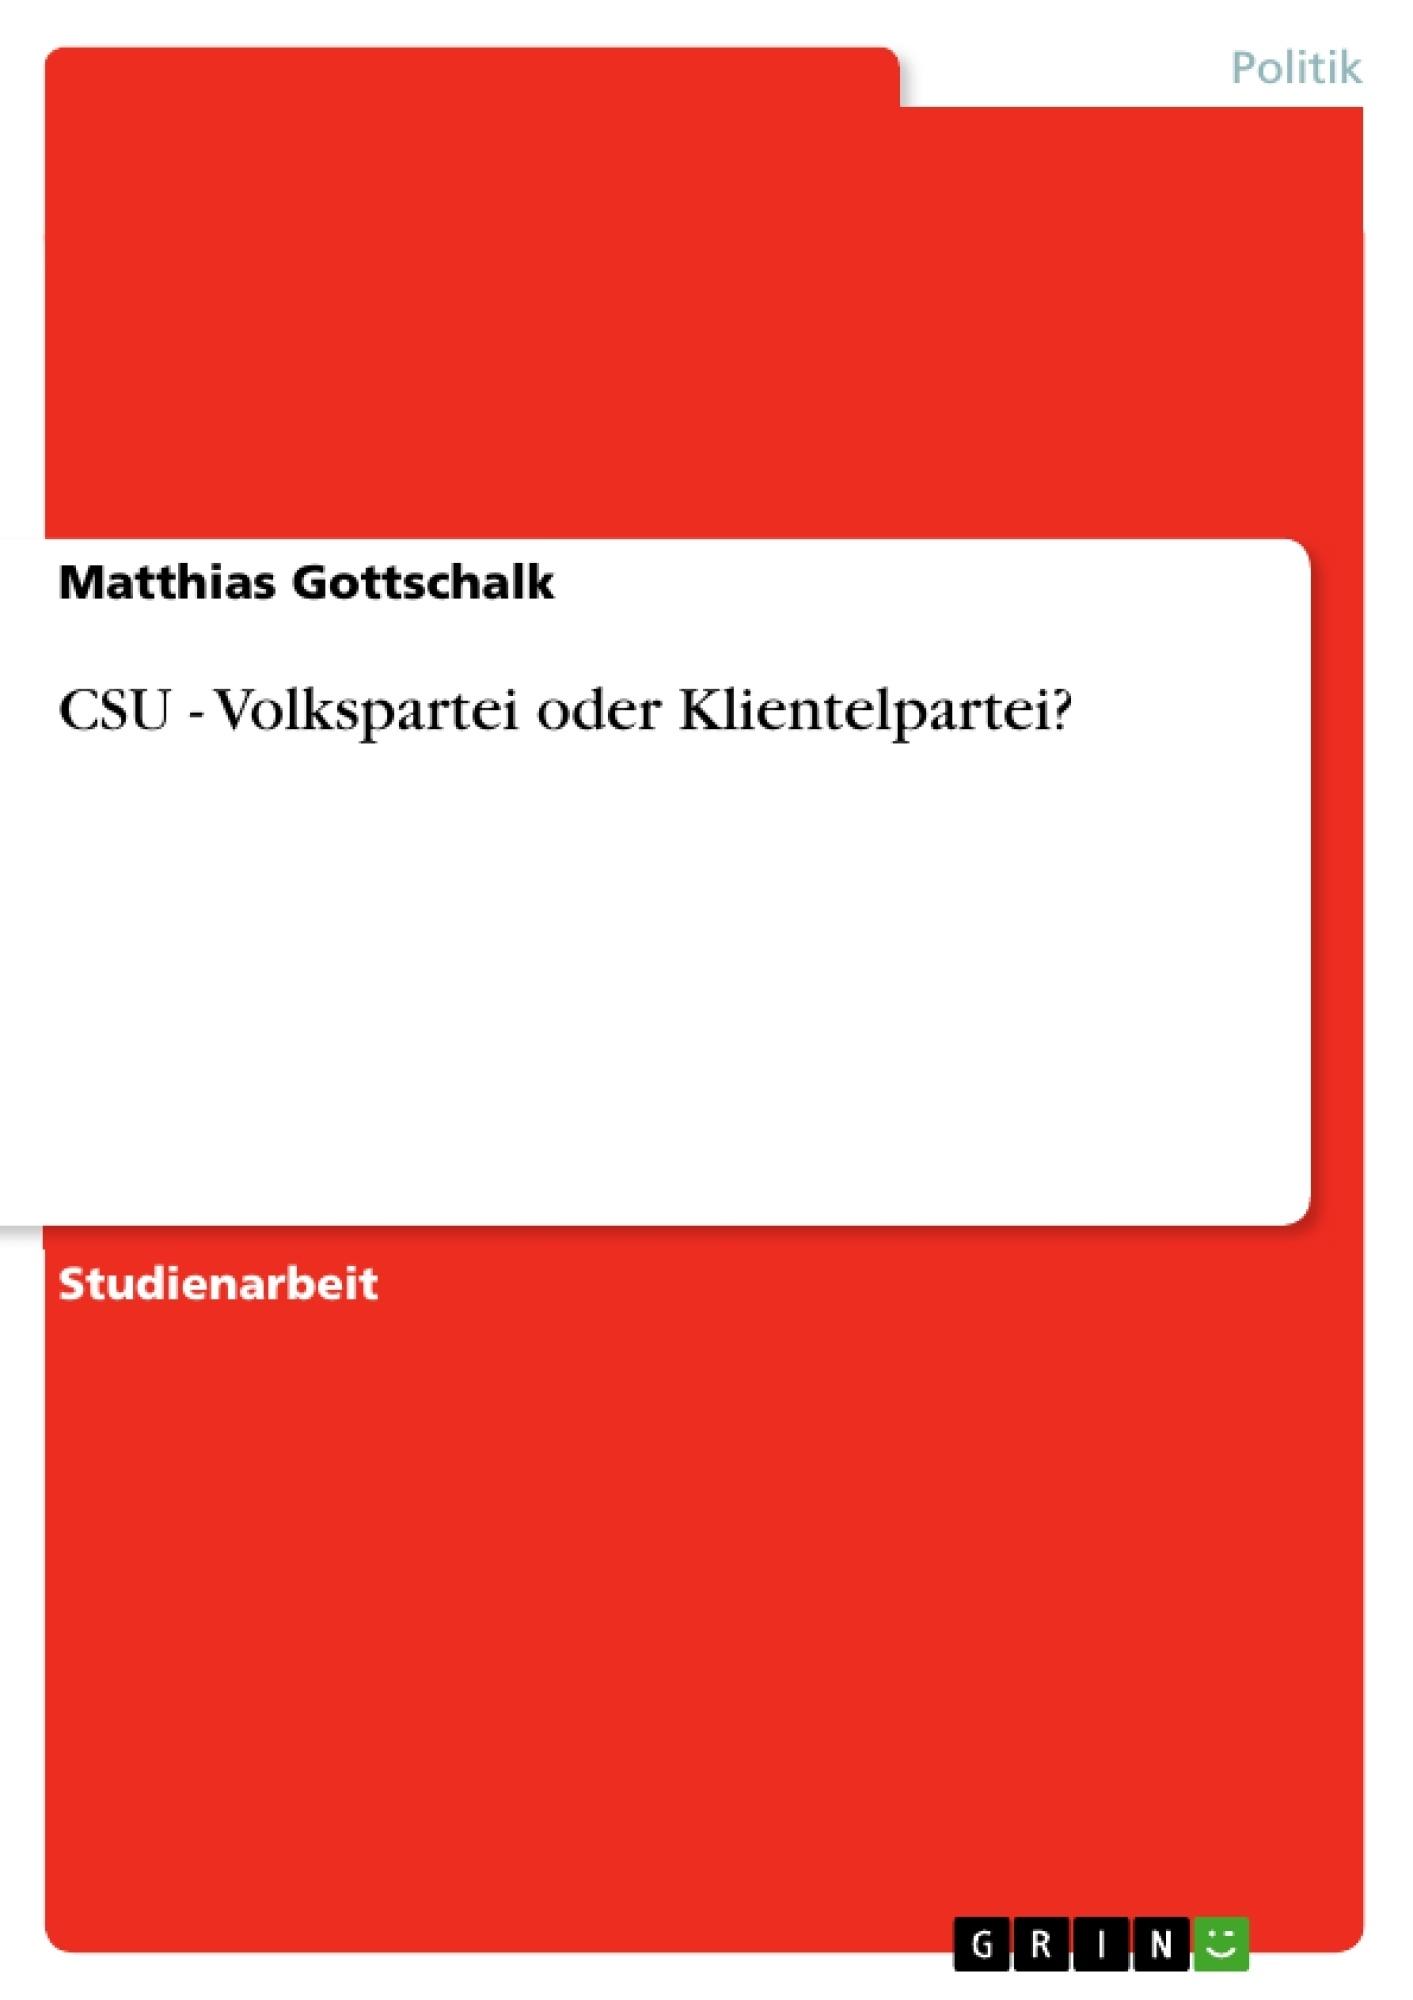 Titel: CSU - Volkspartei oder Klientelpartei?